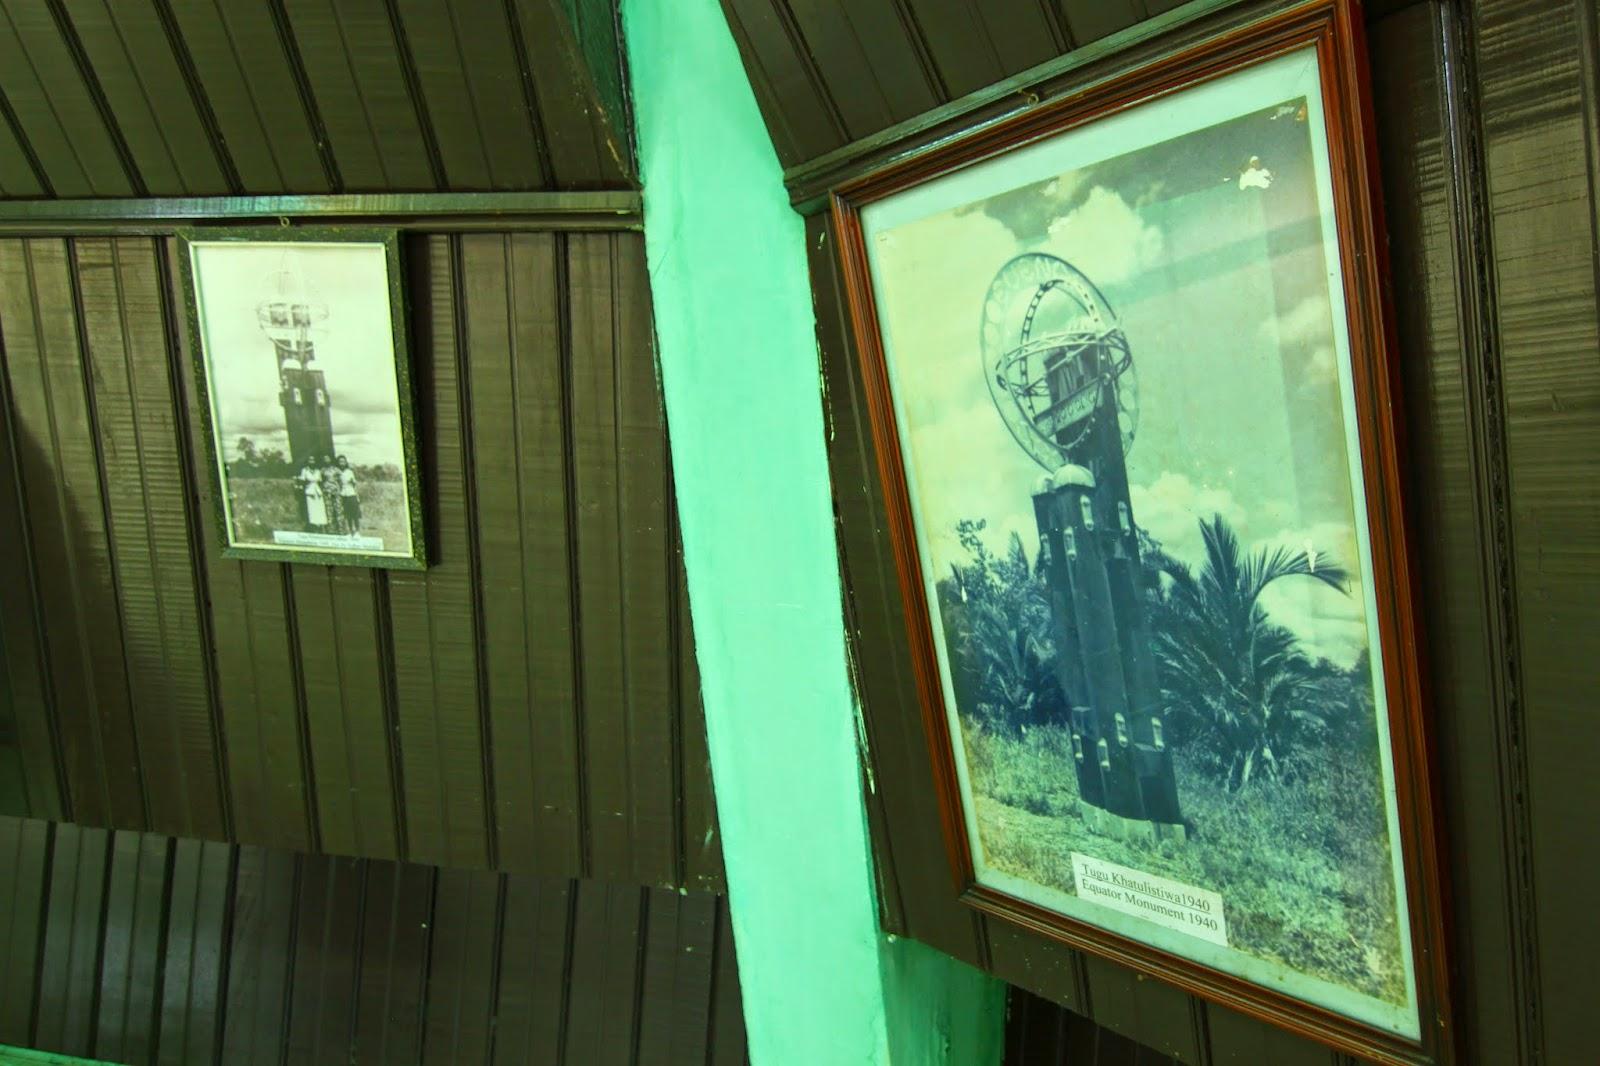 Galeri yang terdapat dalam Tugu Khatulistiwa, Pontianak